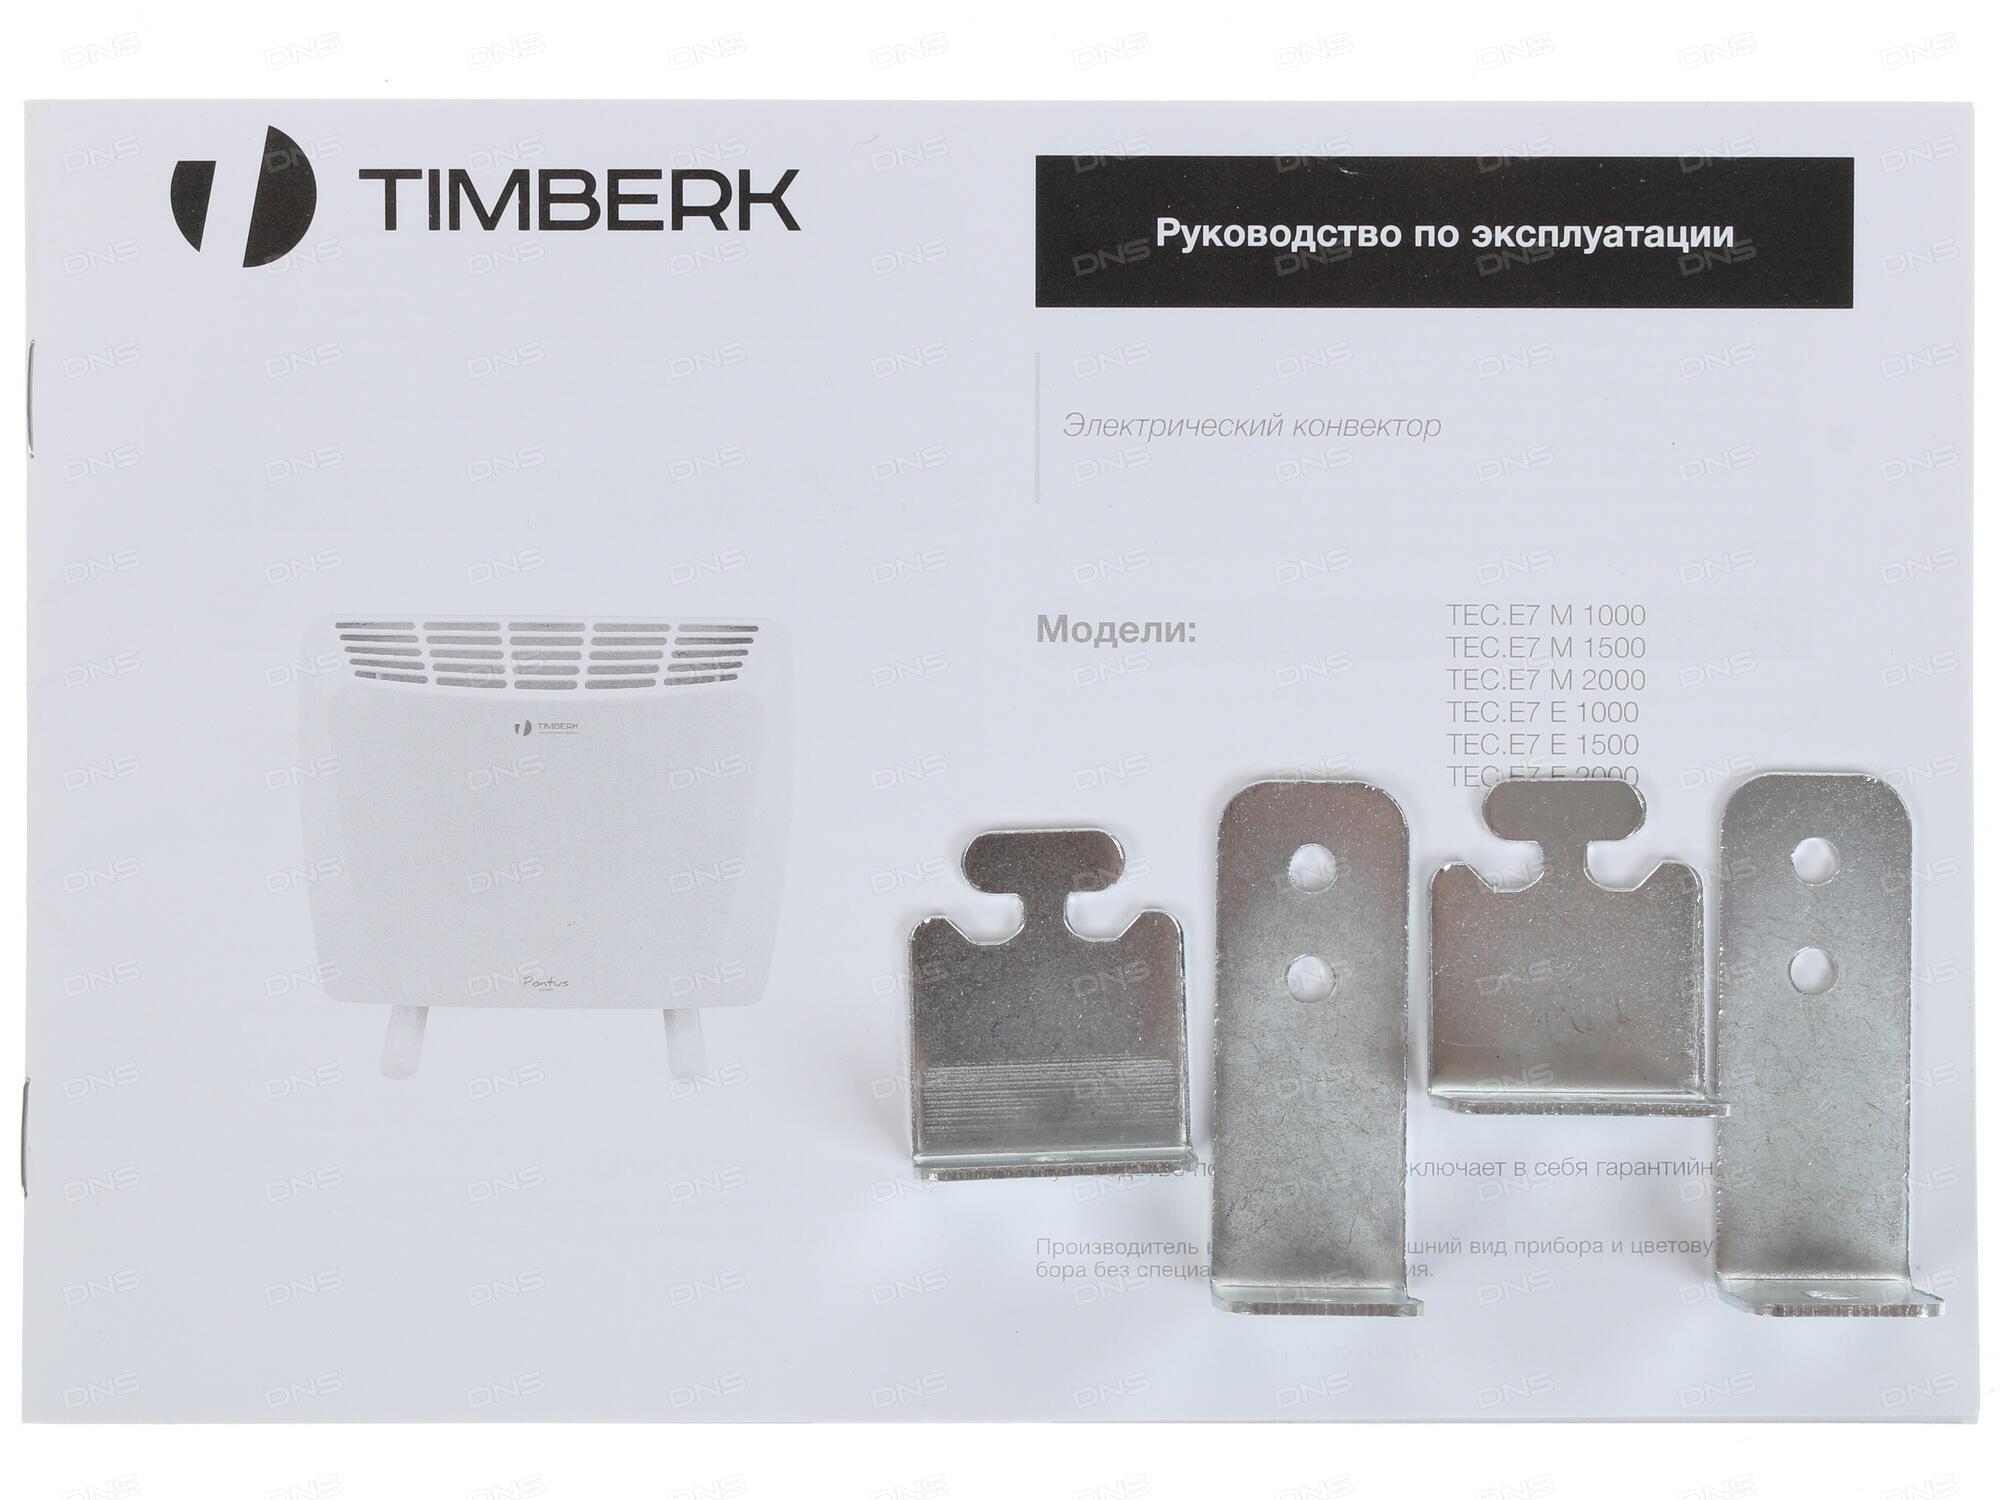 Конвектор Timberk TEC.E7 M 1500